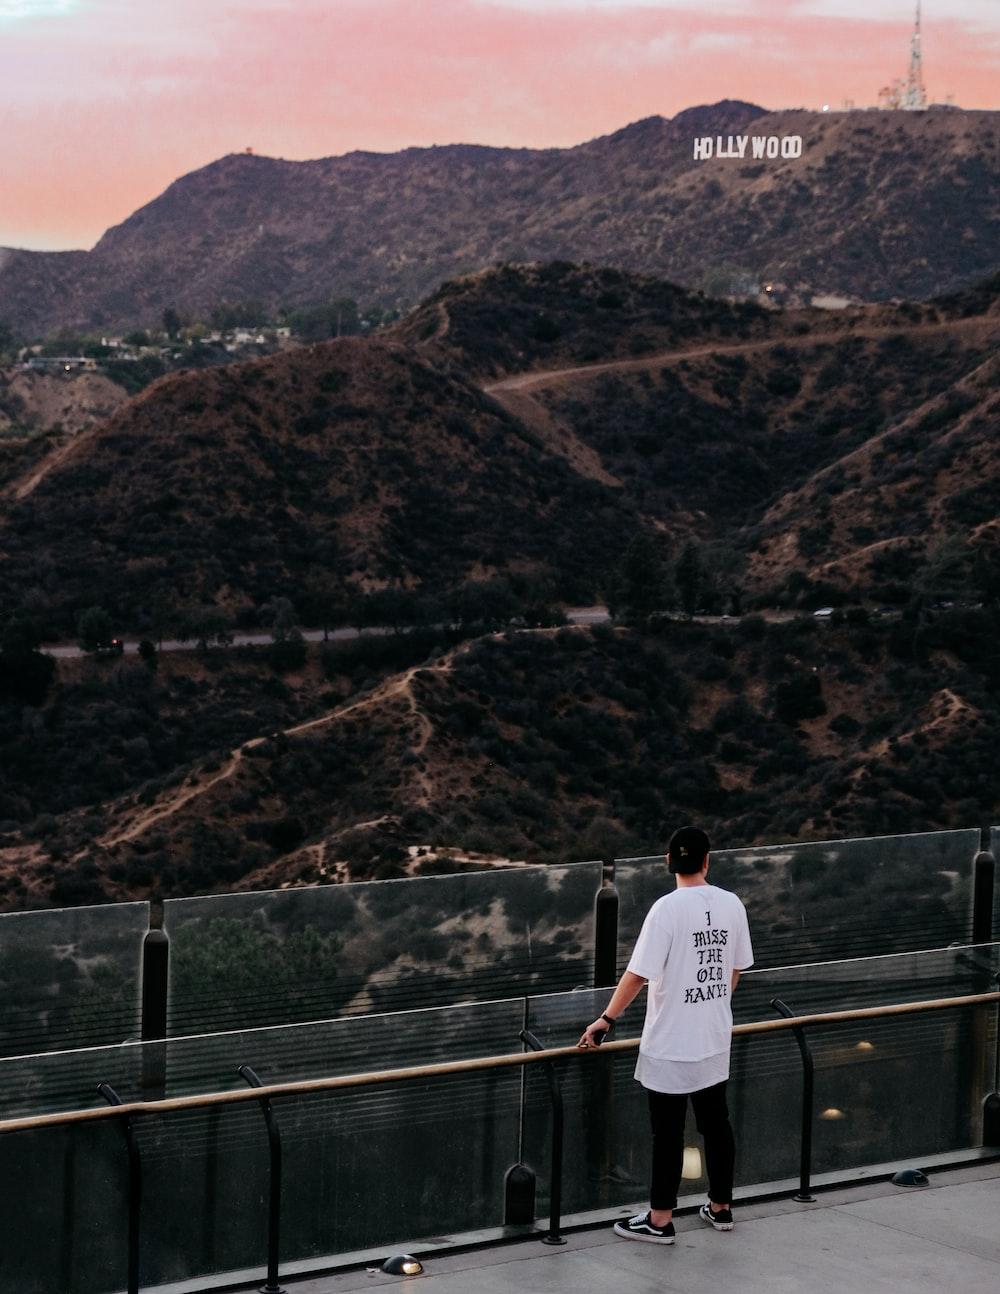 man standing watching mountain during daytime